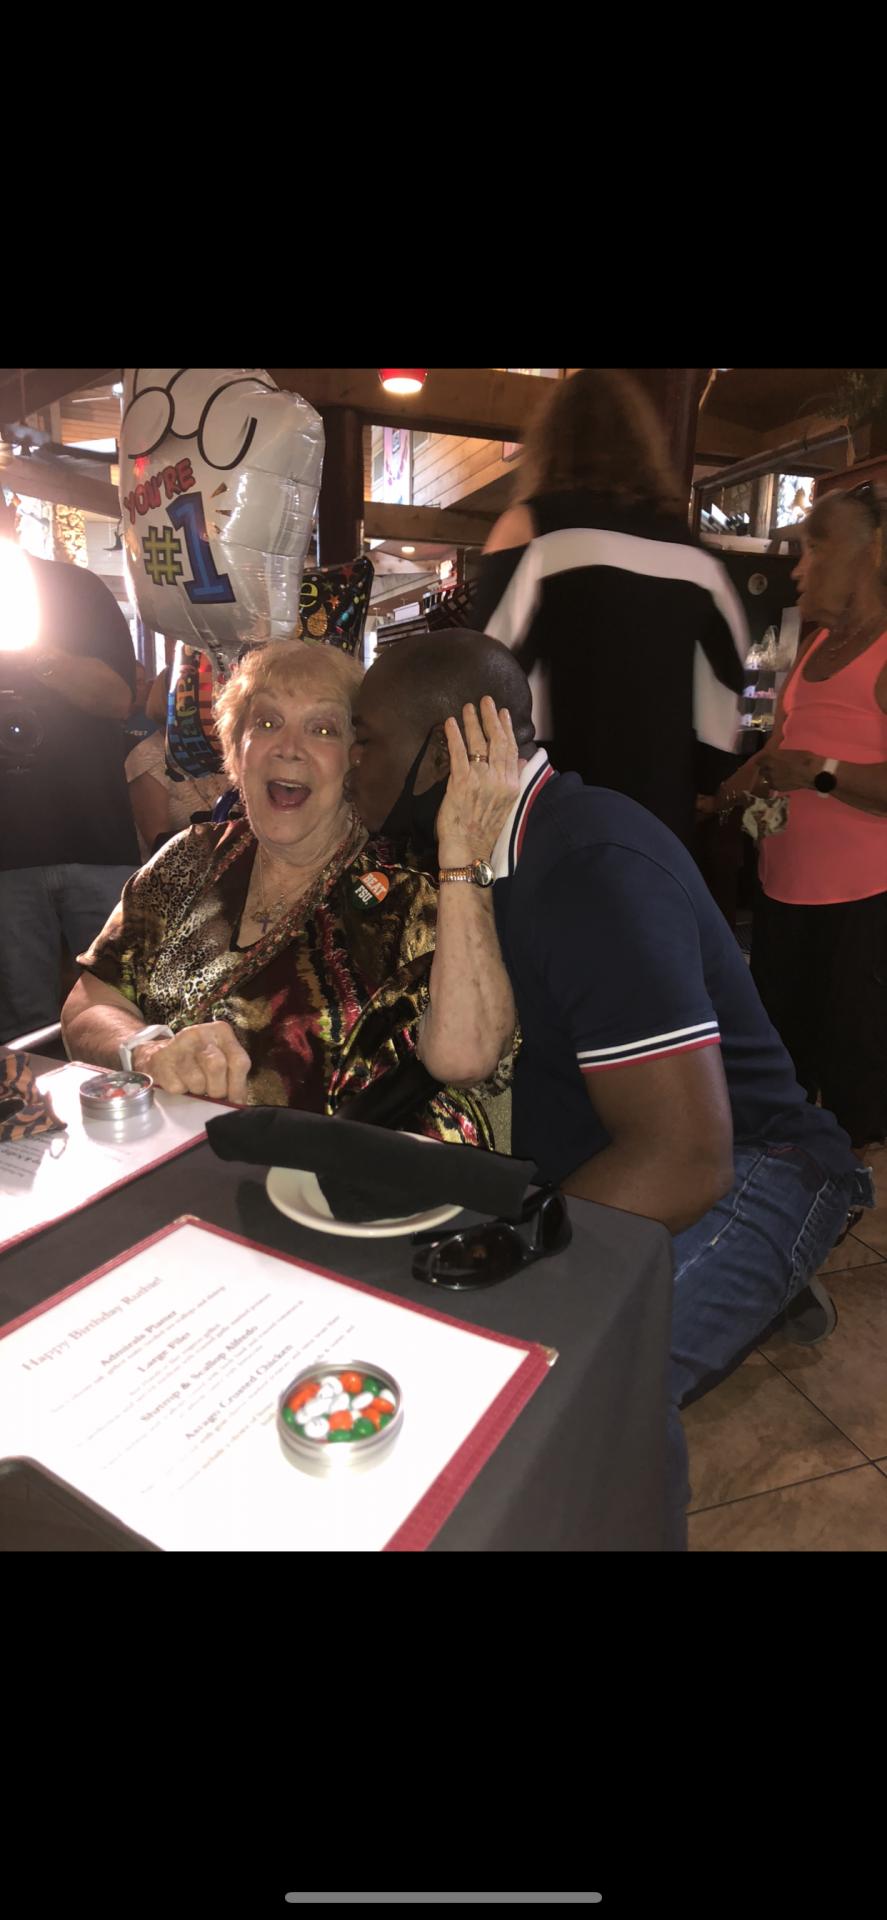 Juanito kissing mom